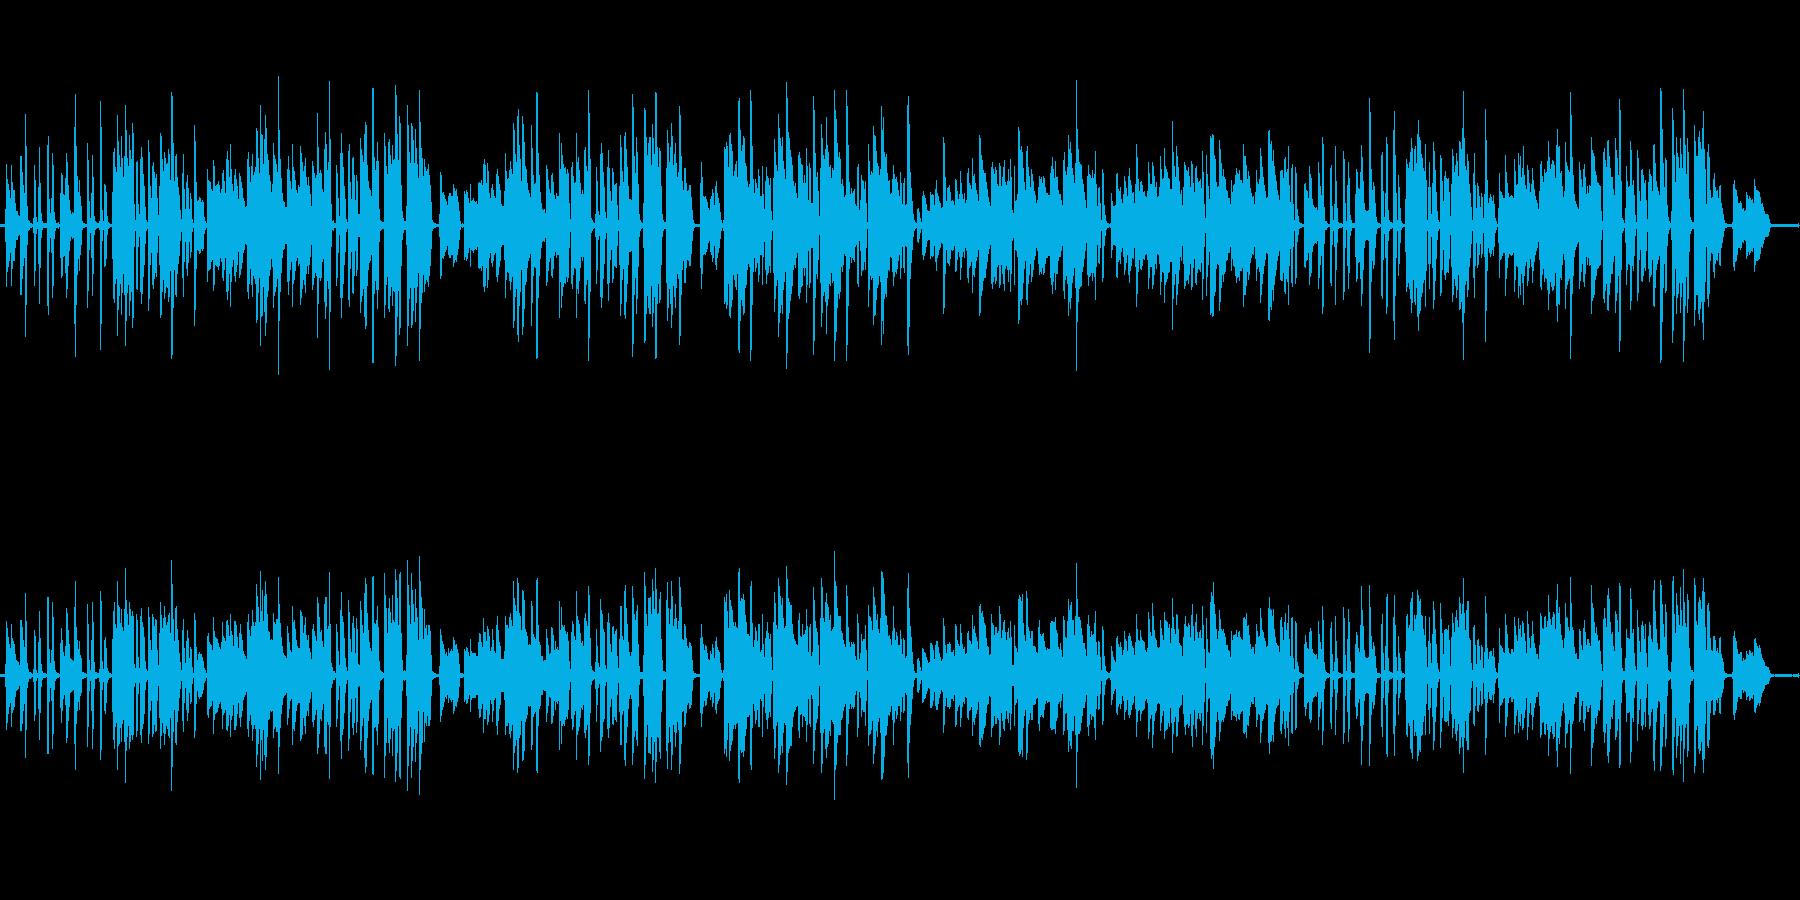 ベートーベン月光第2楽章をピアノ演奏での再生済みの波形